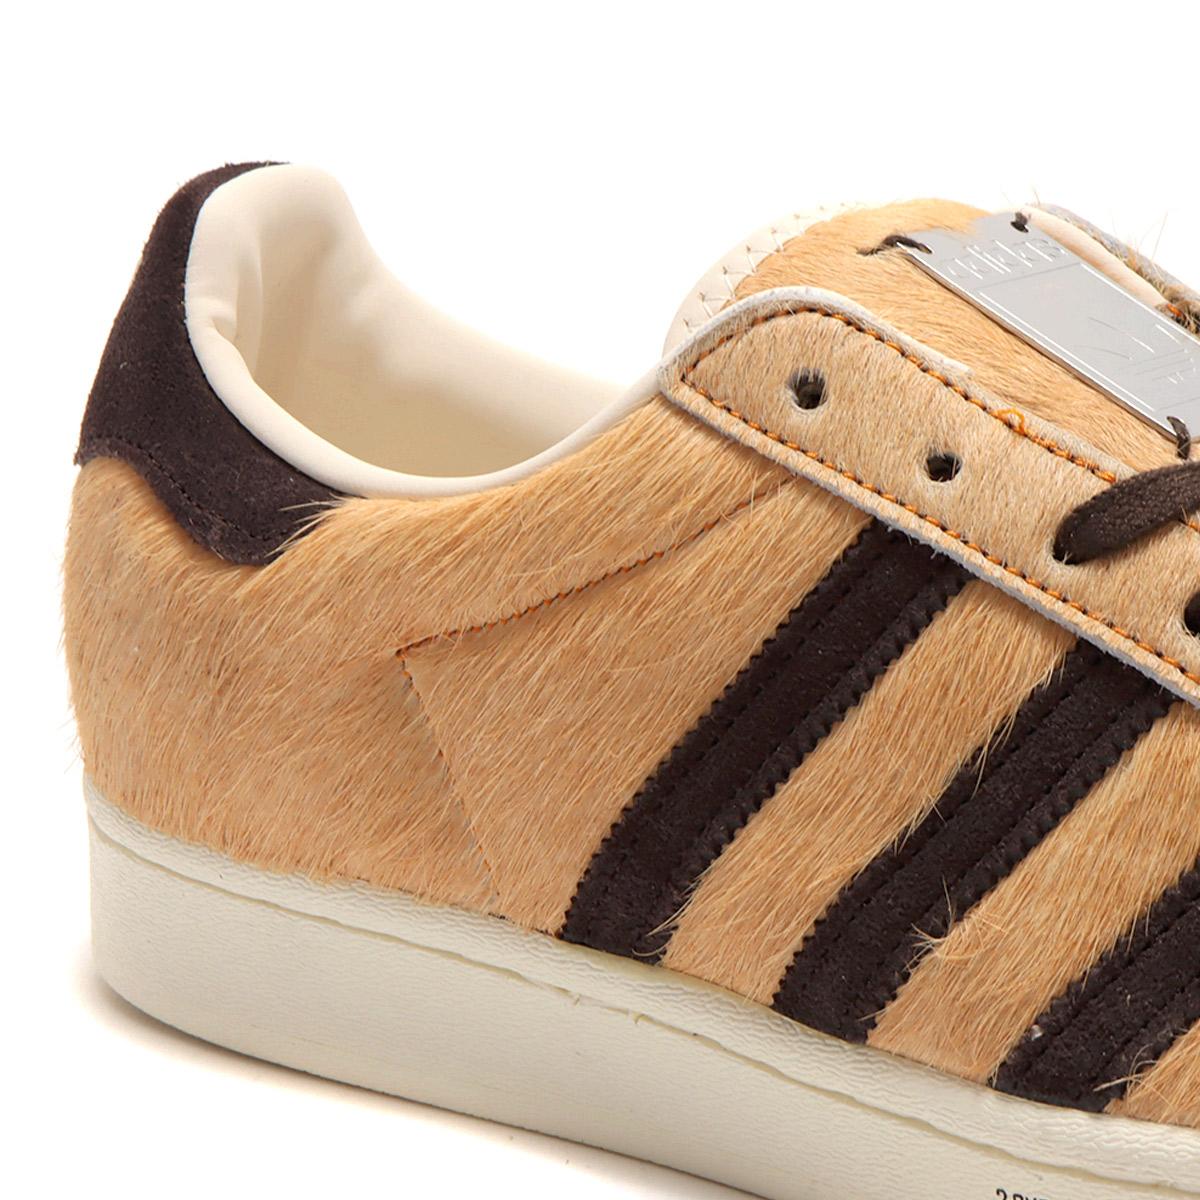 adidas-originals-shibuya-pack%e7%ac%ac%e4%b8%89%e5%bc%be17